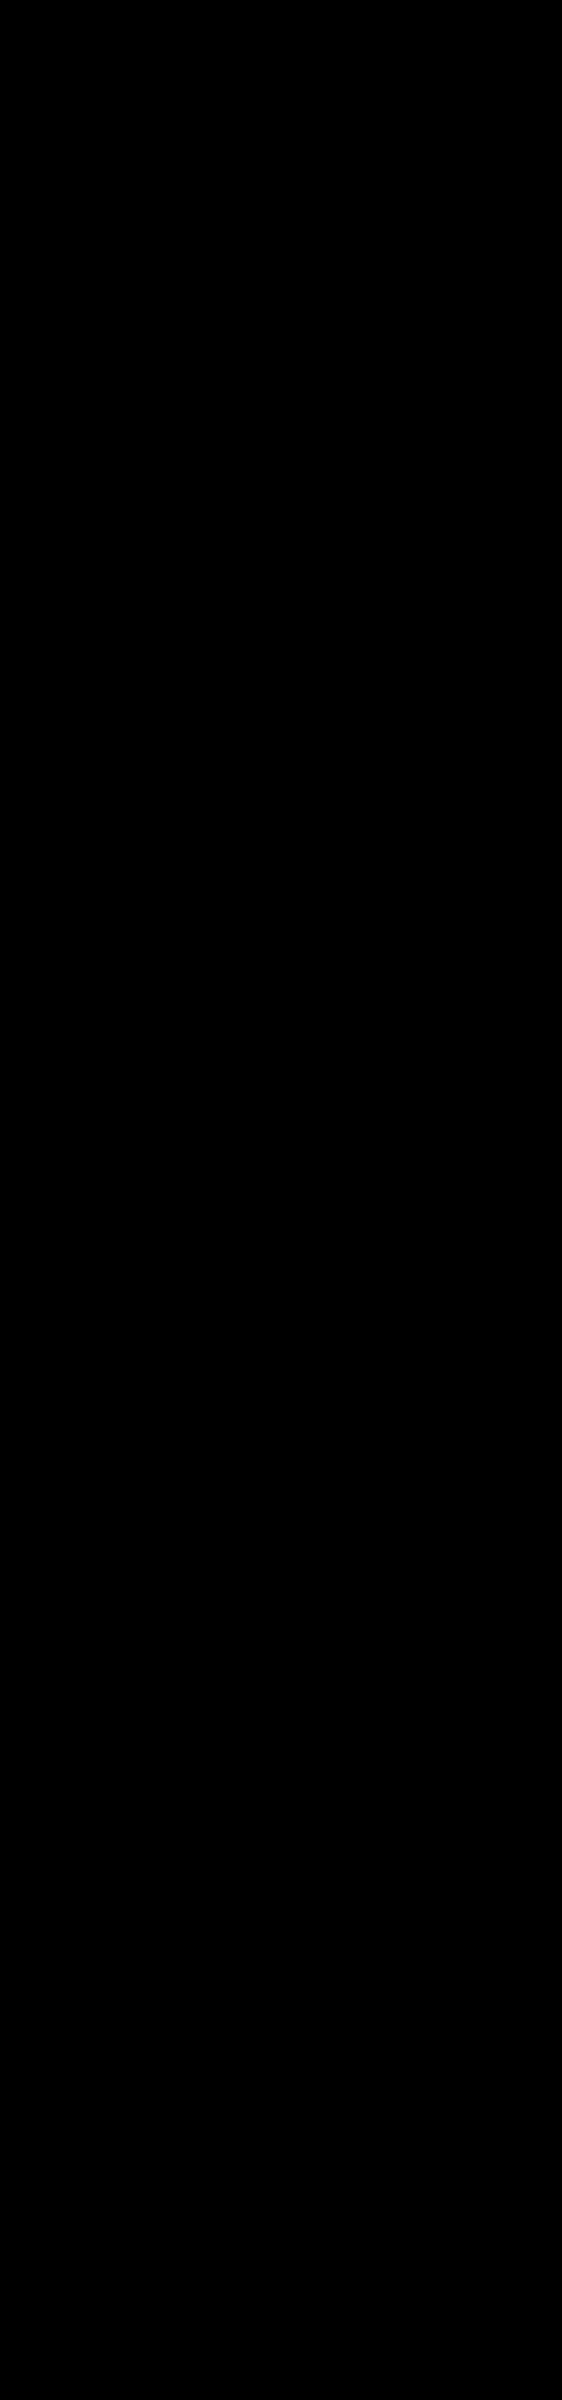 White clipart sword. Vector silhouette stock shutterstock